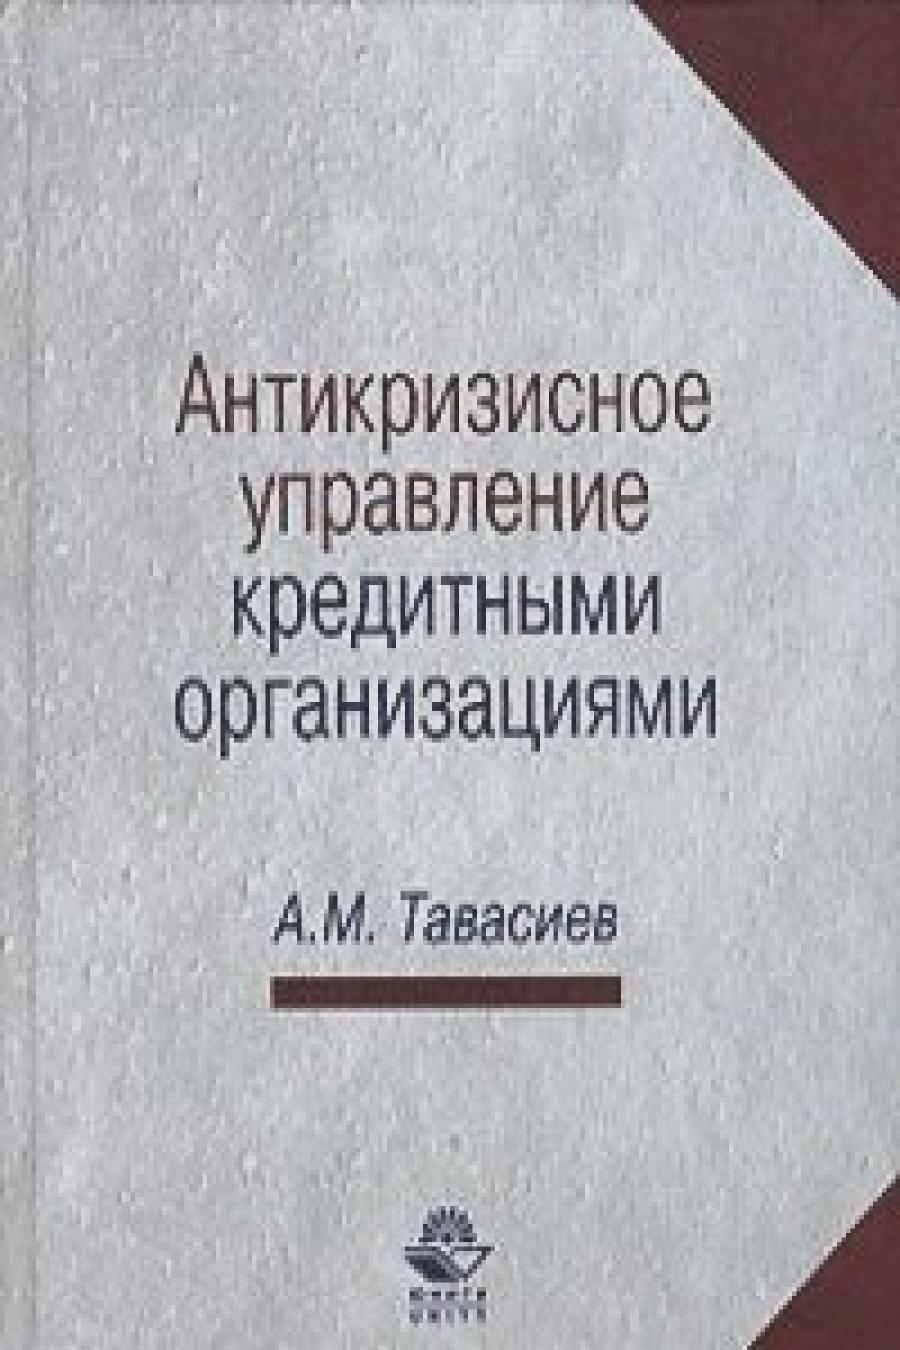 Обложка книги:  а.м. тавасиев - антикризисное управление кредитными организациями